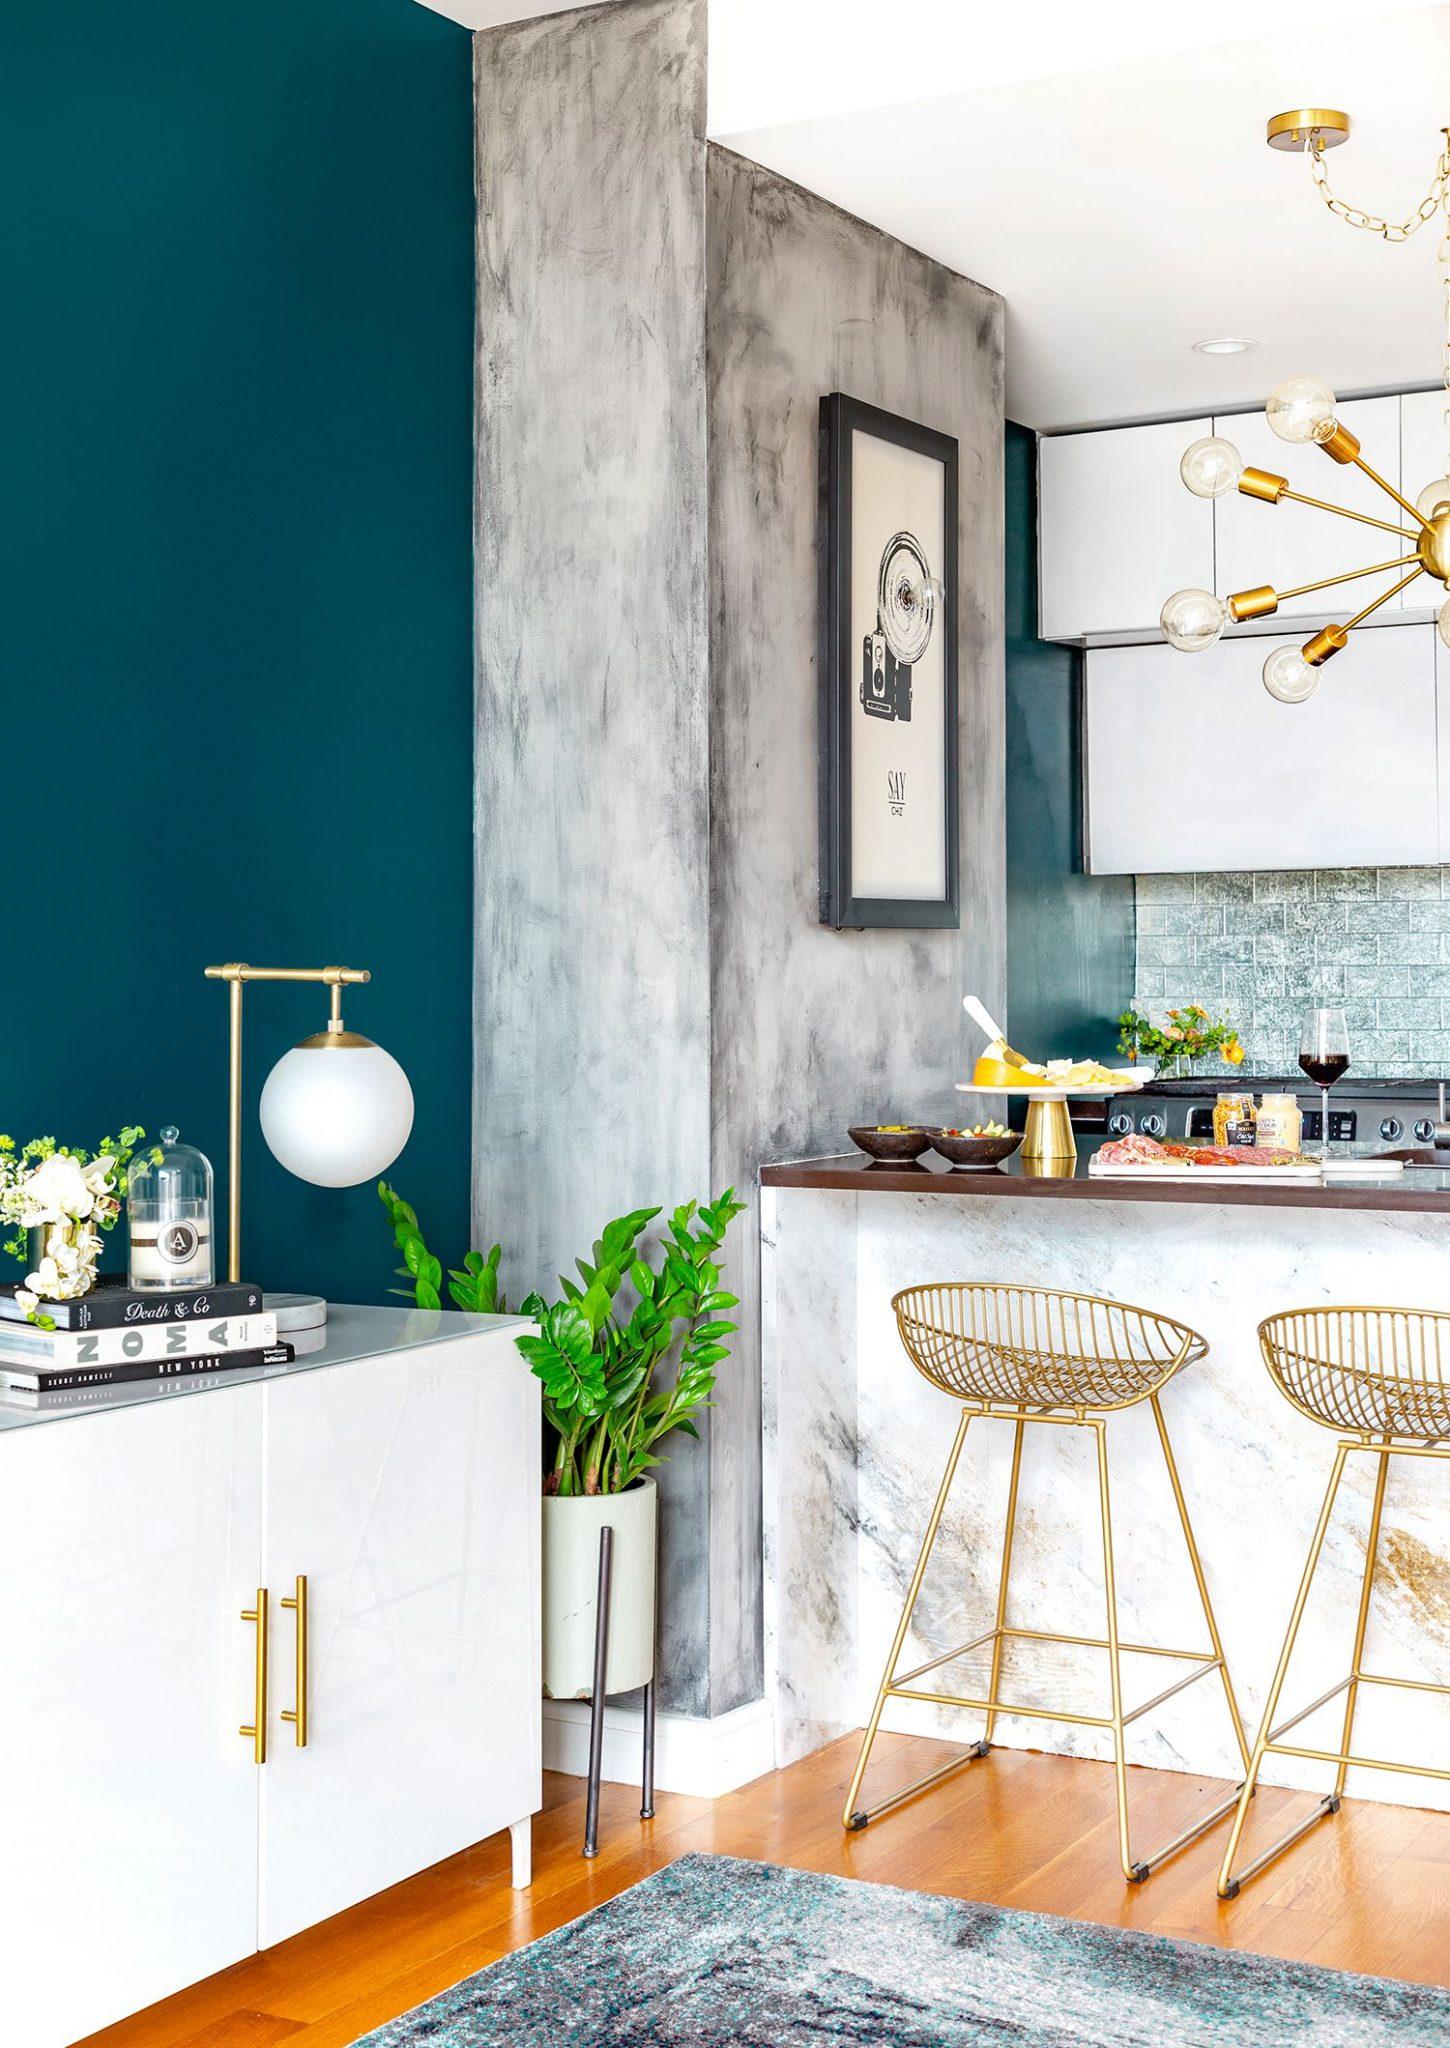 Blågrønn maling på kjøkkenet